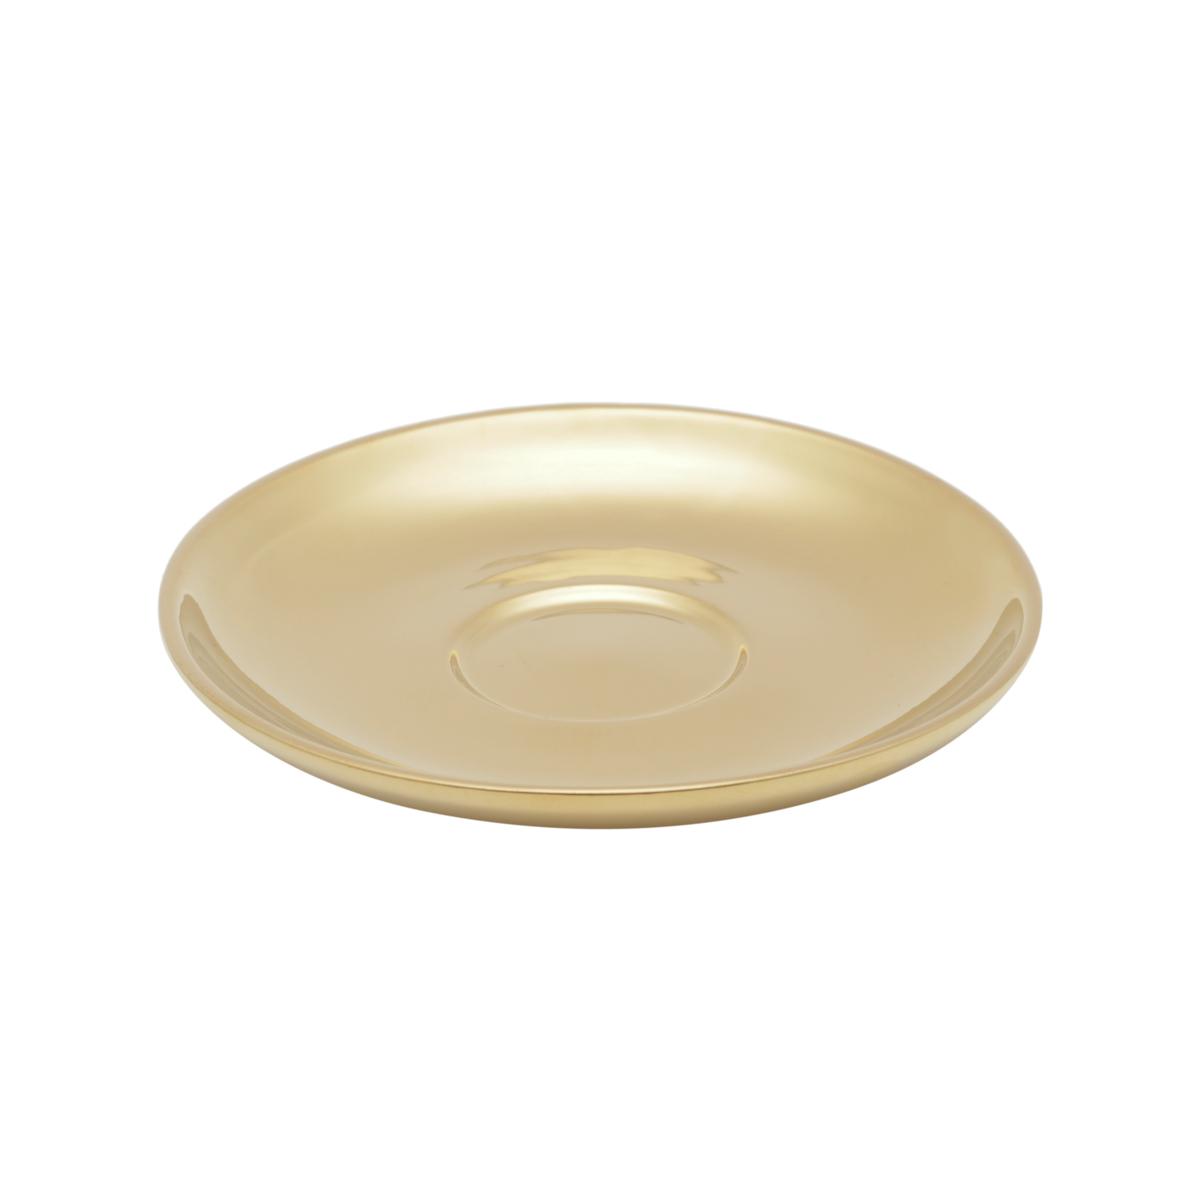 Conjunto 6 xícaras 90 ml para café de porcelana preto/dourado com pires Versa  Wolff - 35525